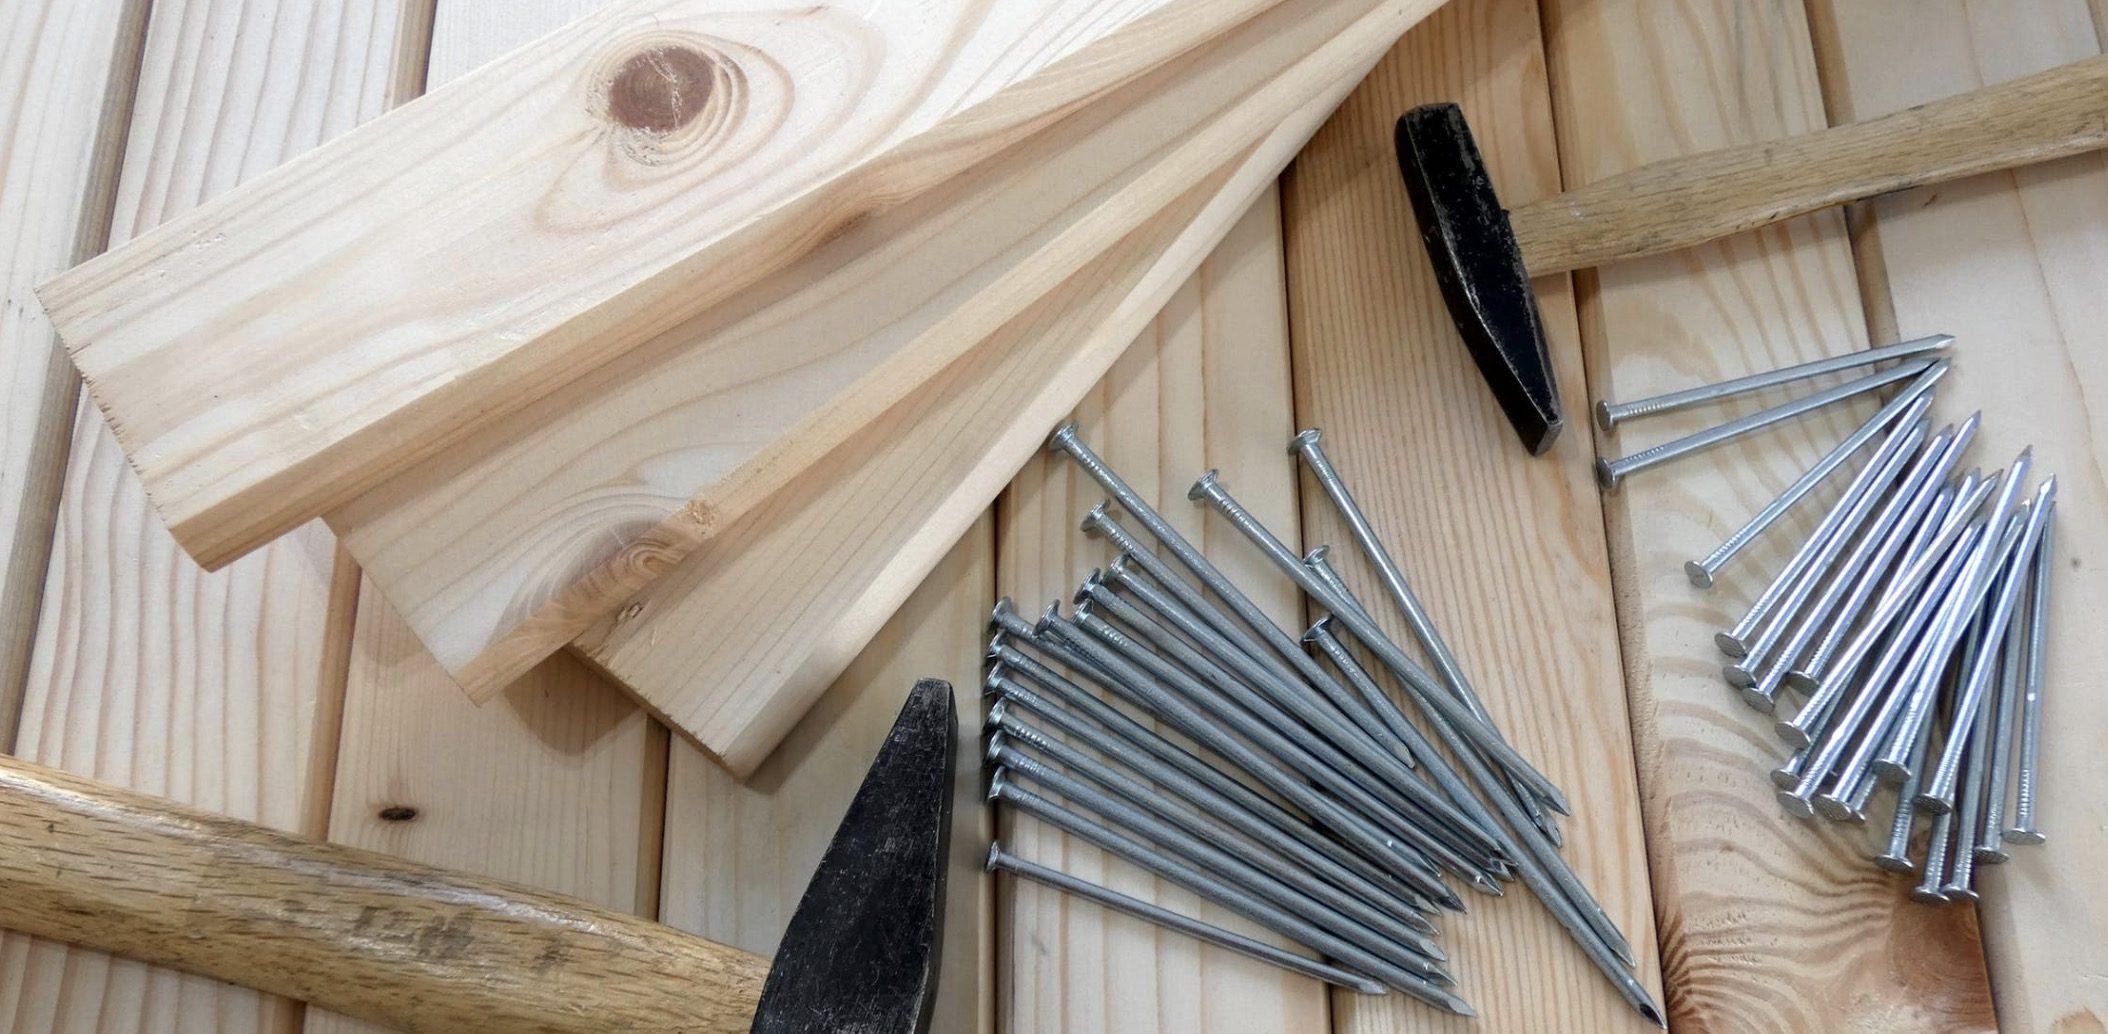 Ombygning af Kroghs Tømrer Entreprise fra Holbæk